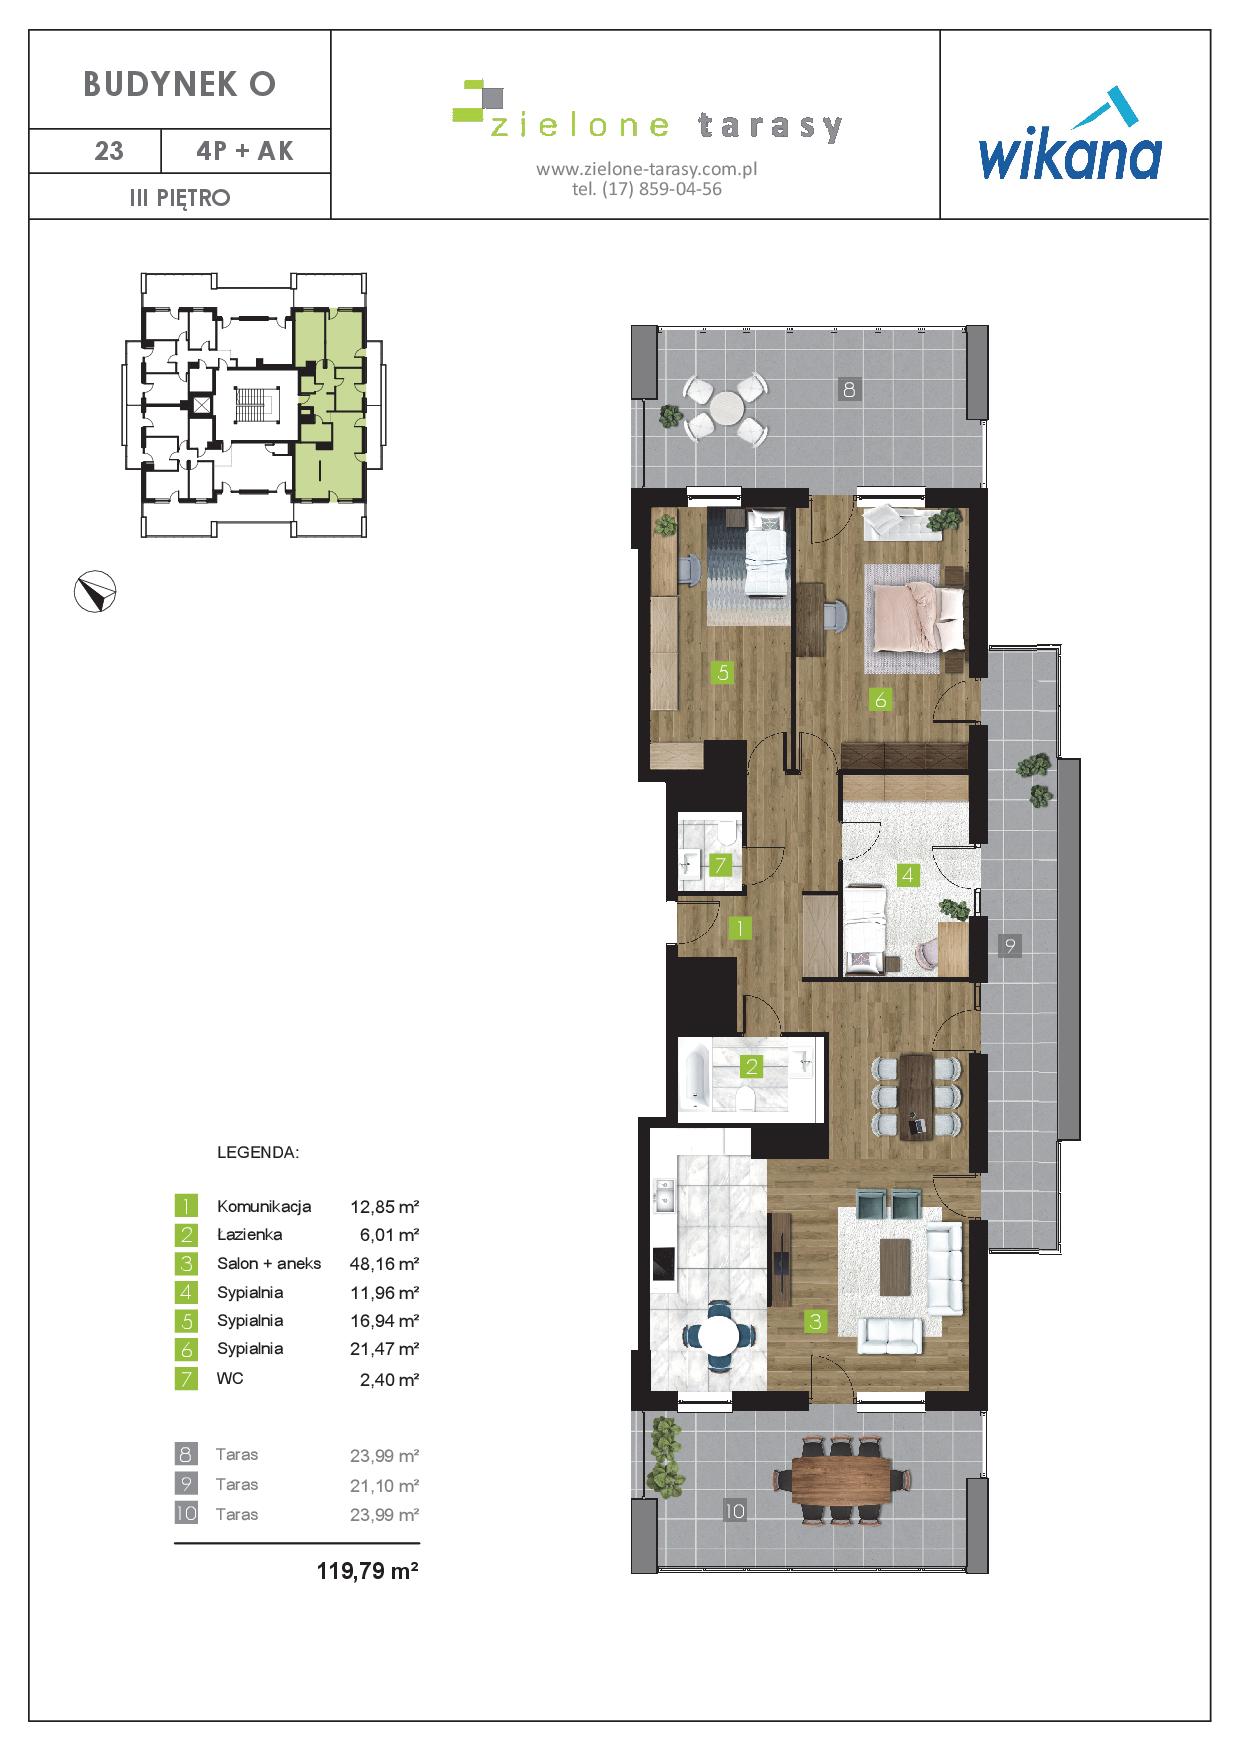 sprzedaż mieszkań rzeszów - O-23